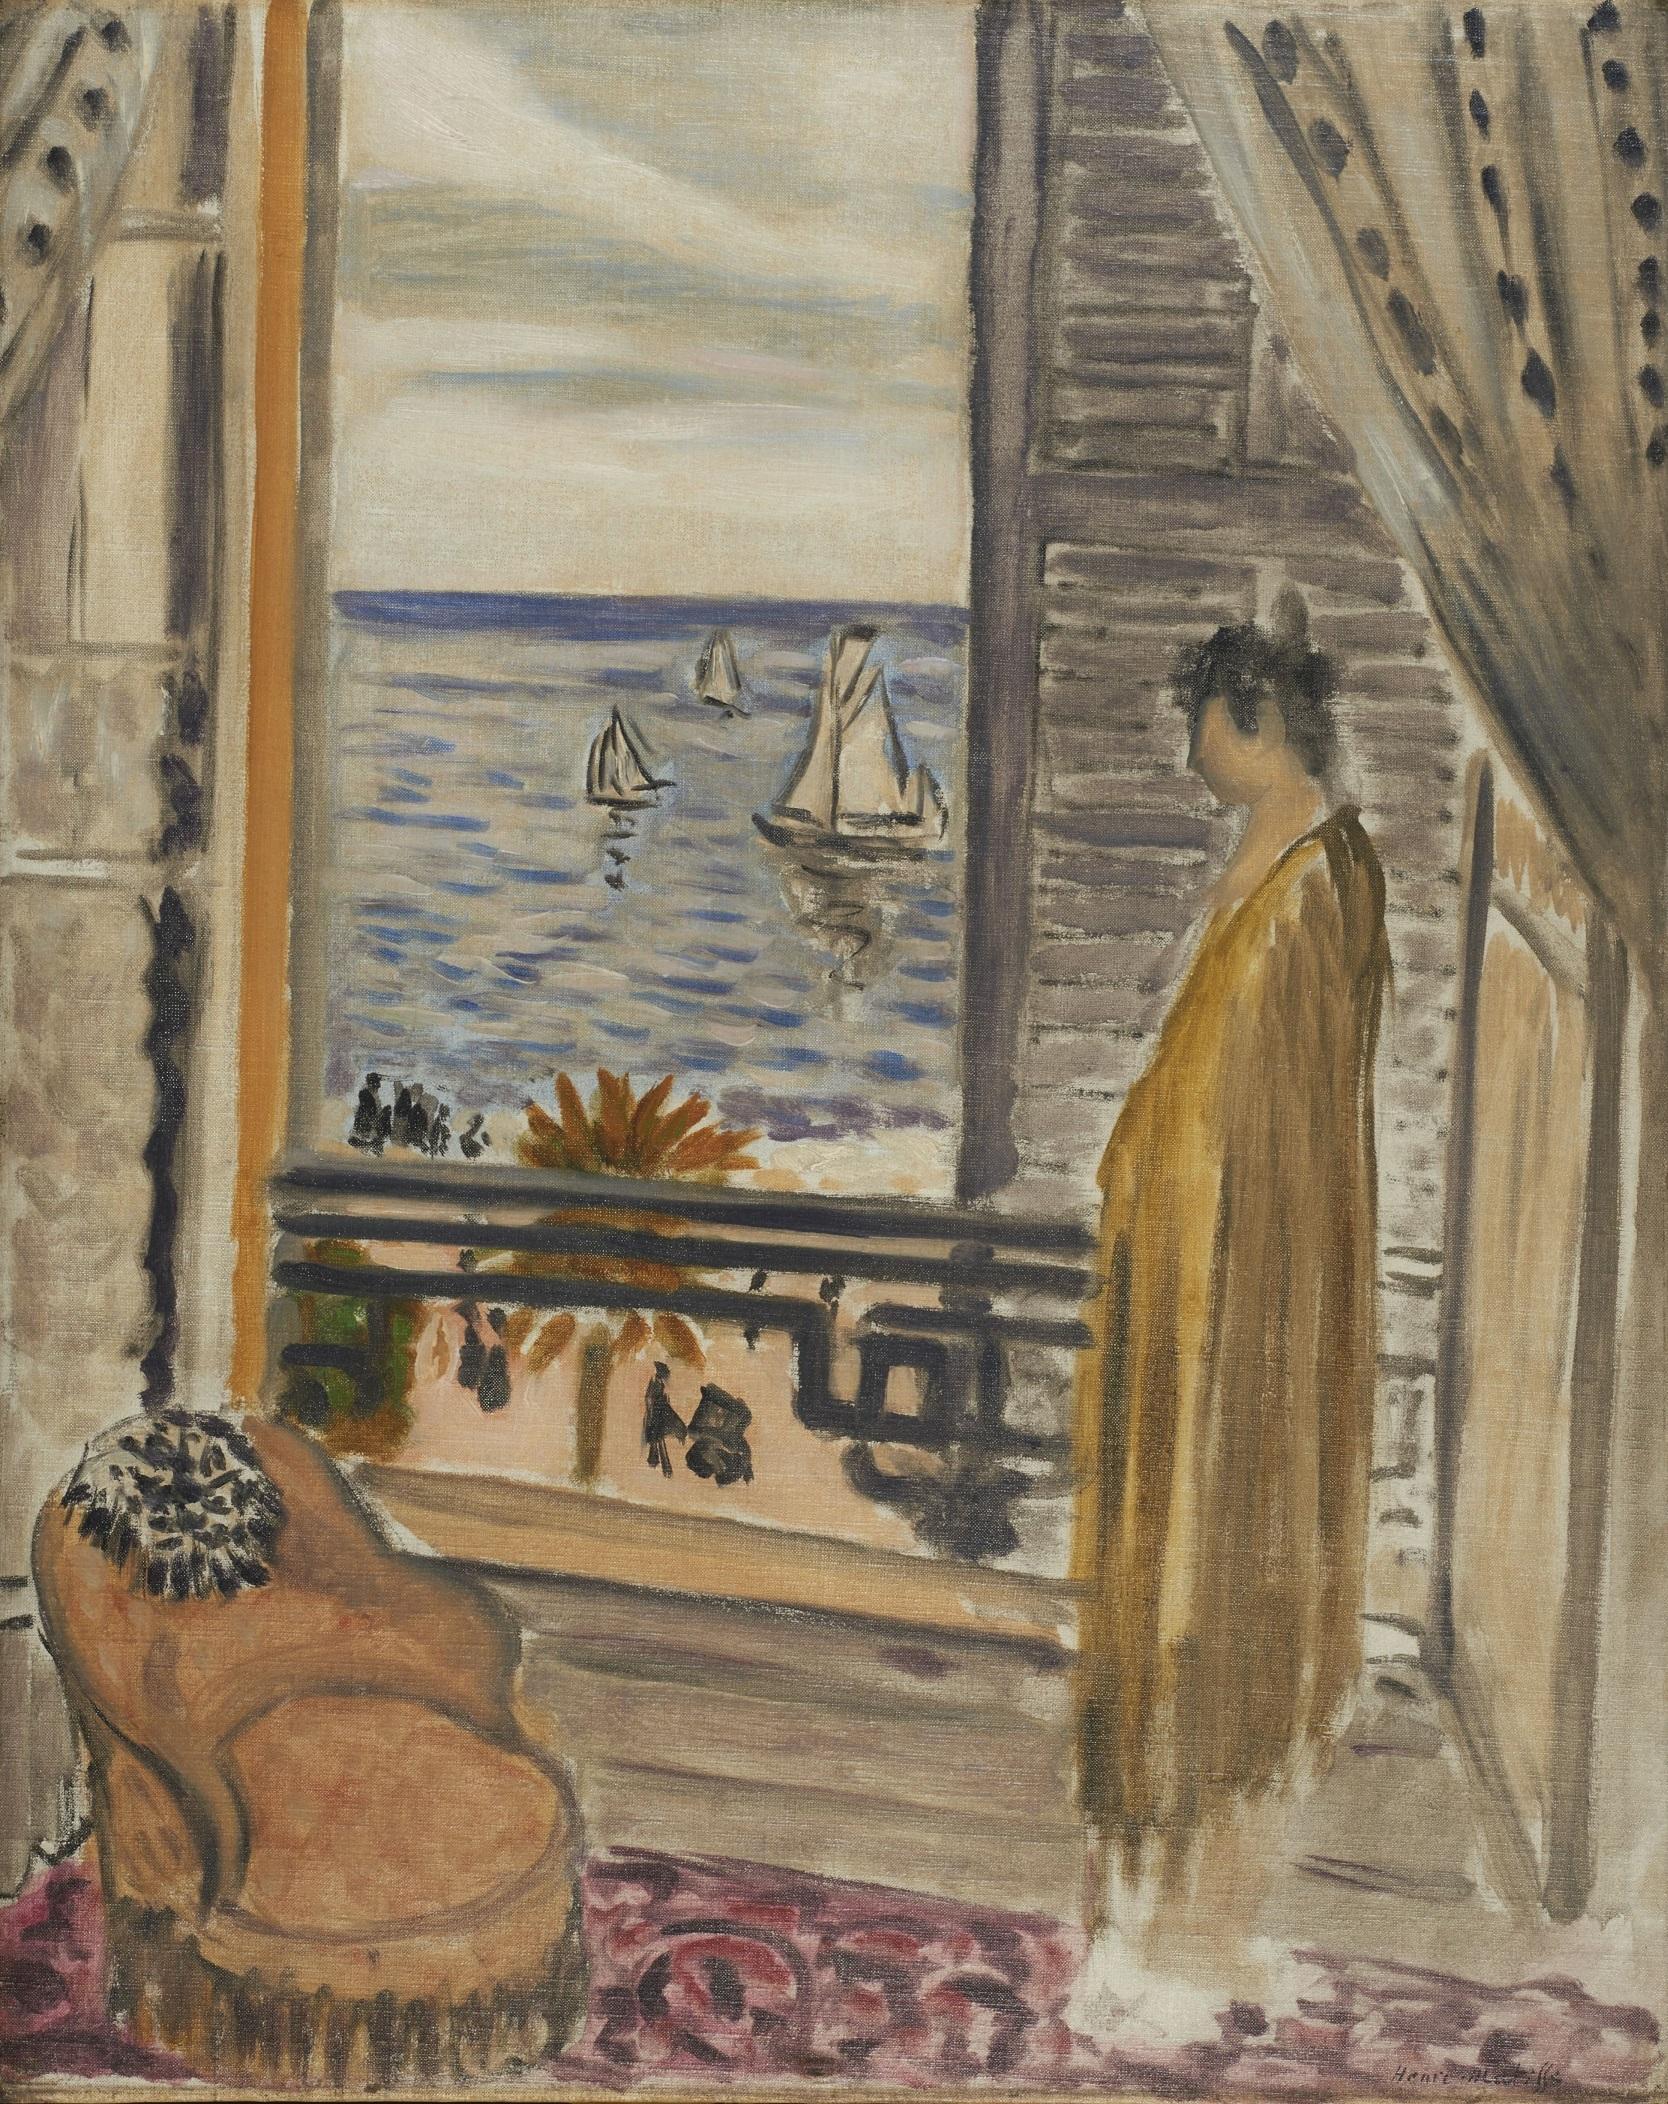 アンリ・マティス 「窓辺の女」 1920年 - みぞえ画廊